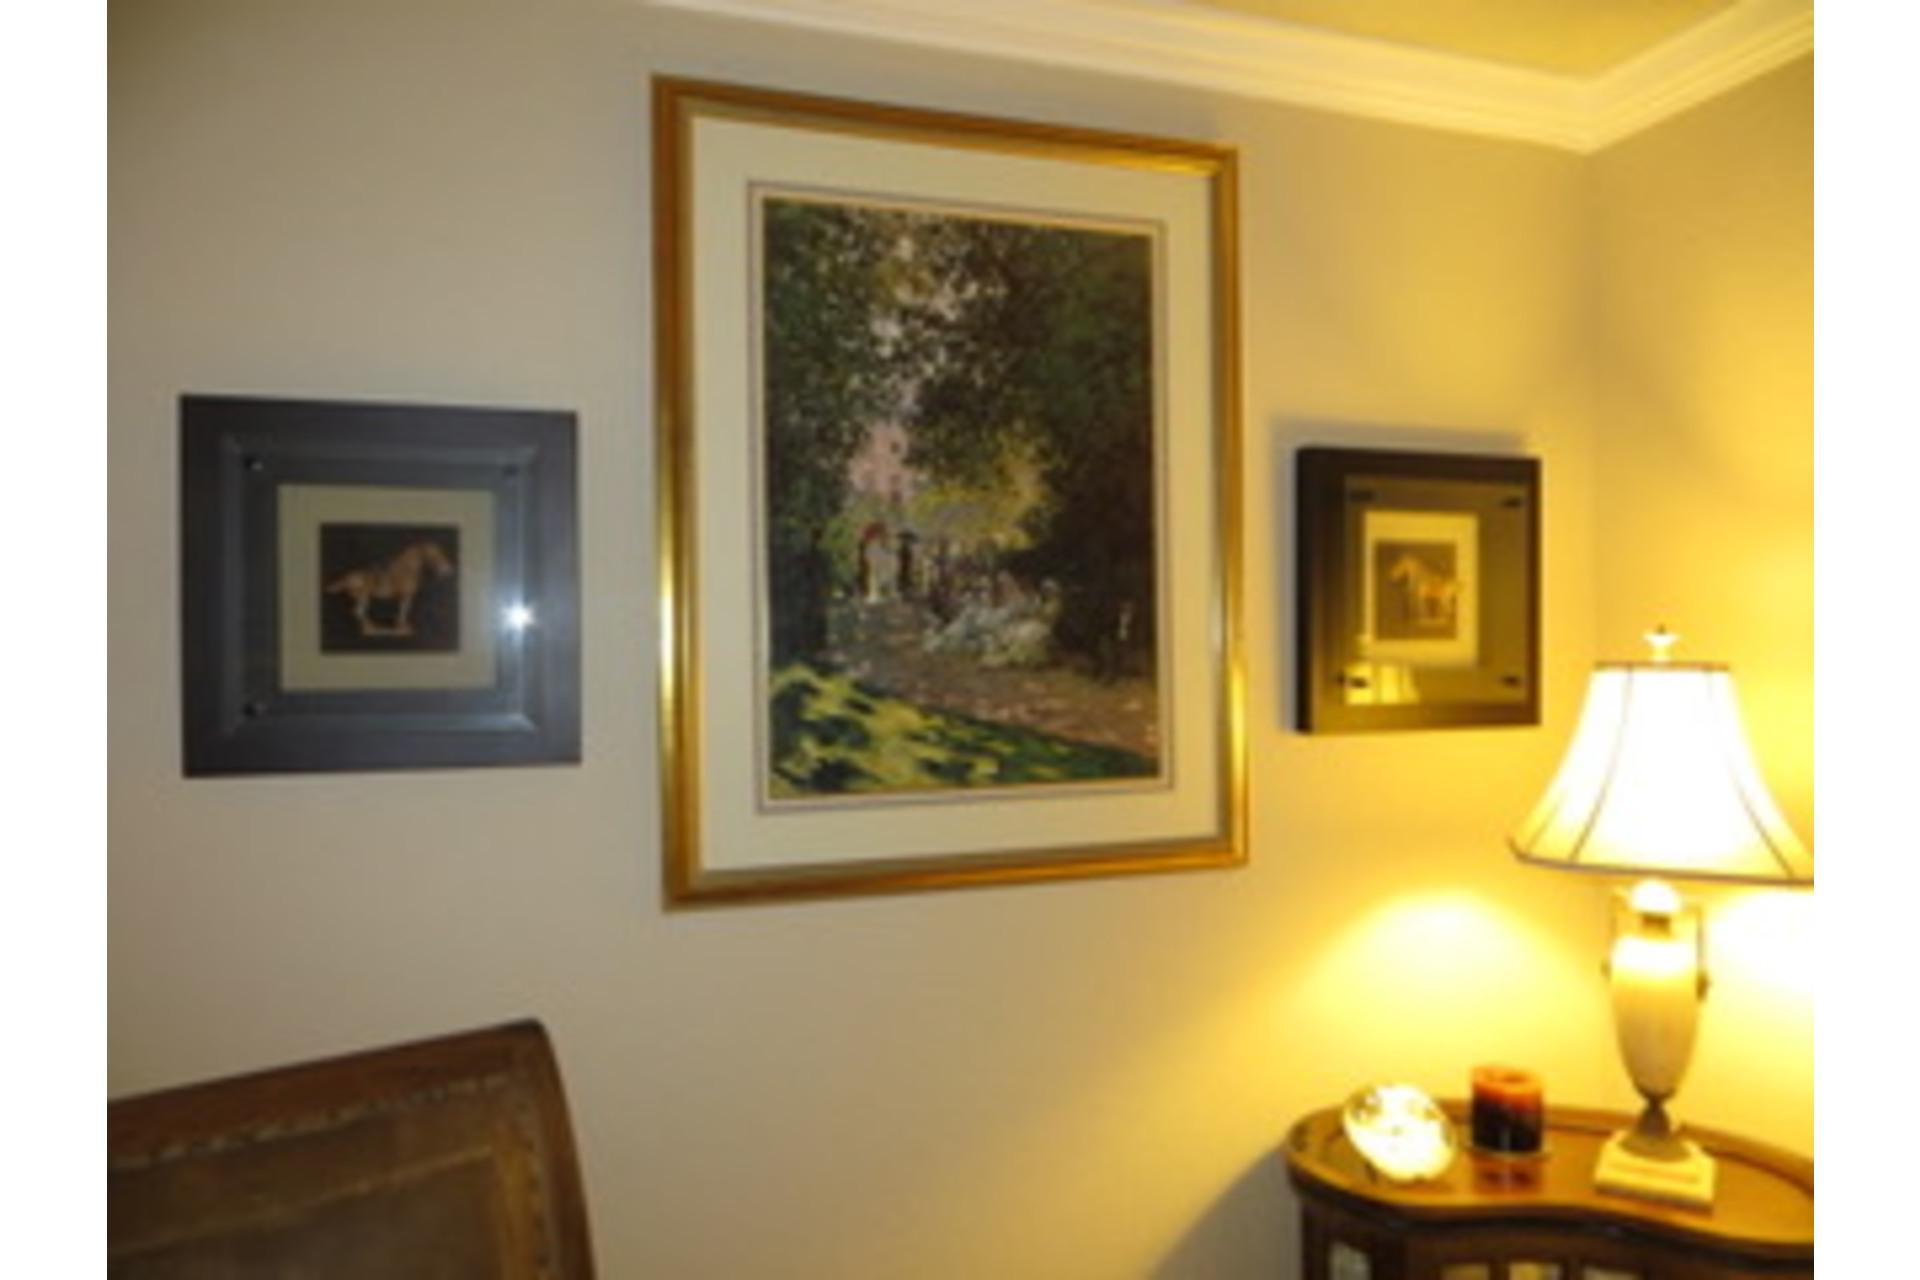 image 43 - Condo Short rental Hallandale Beach - 6 rooms